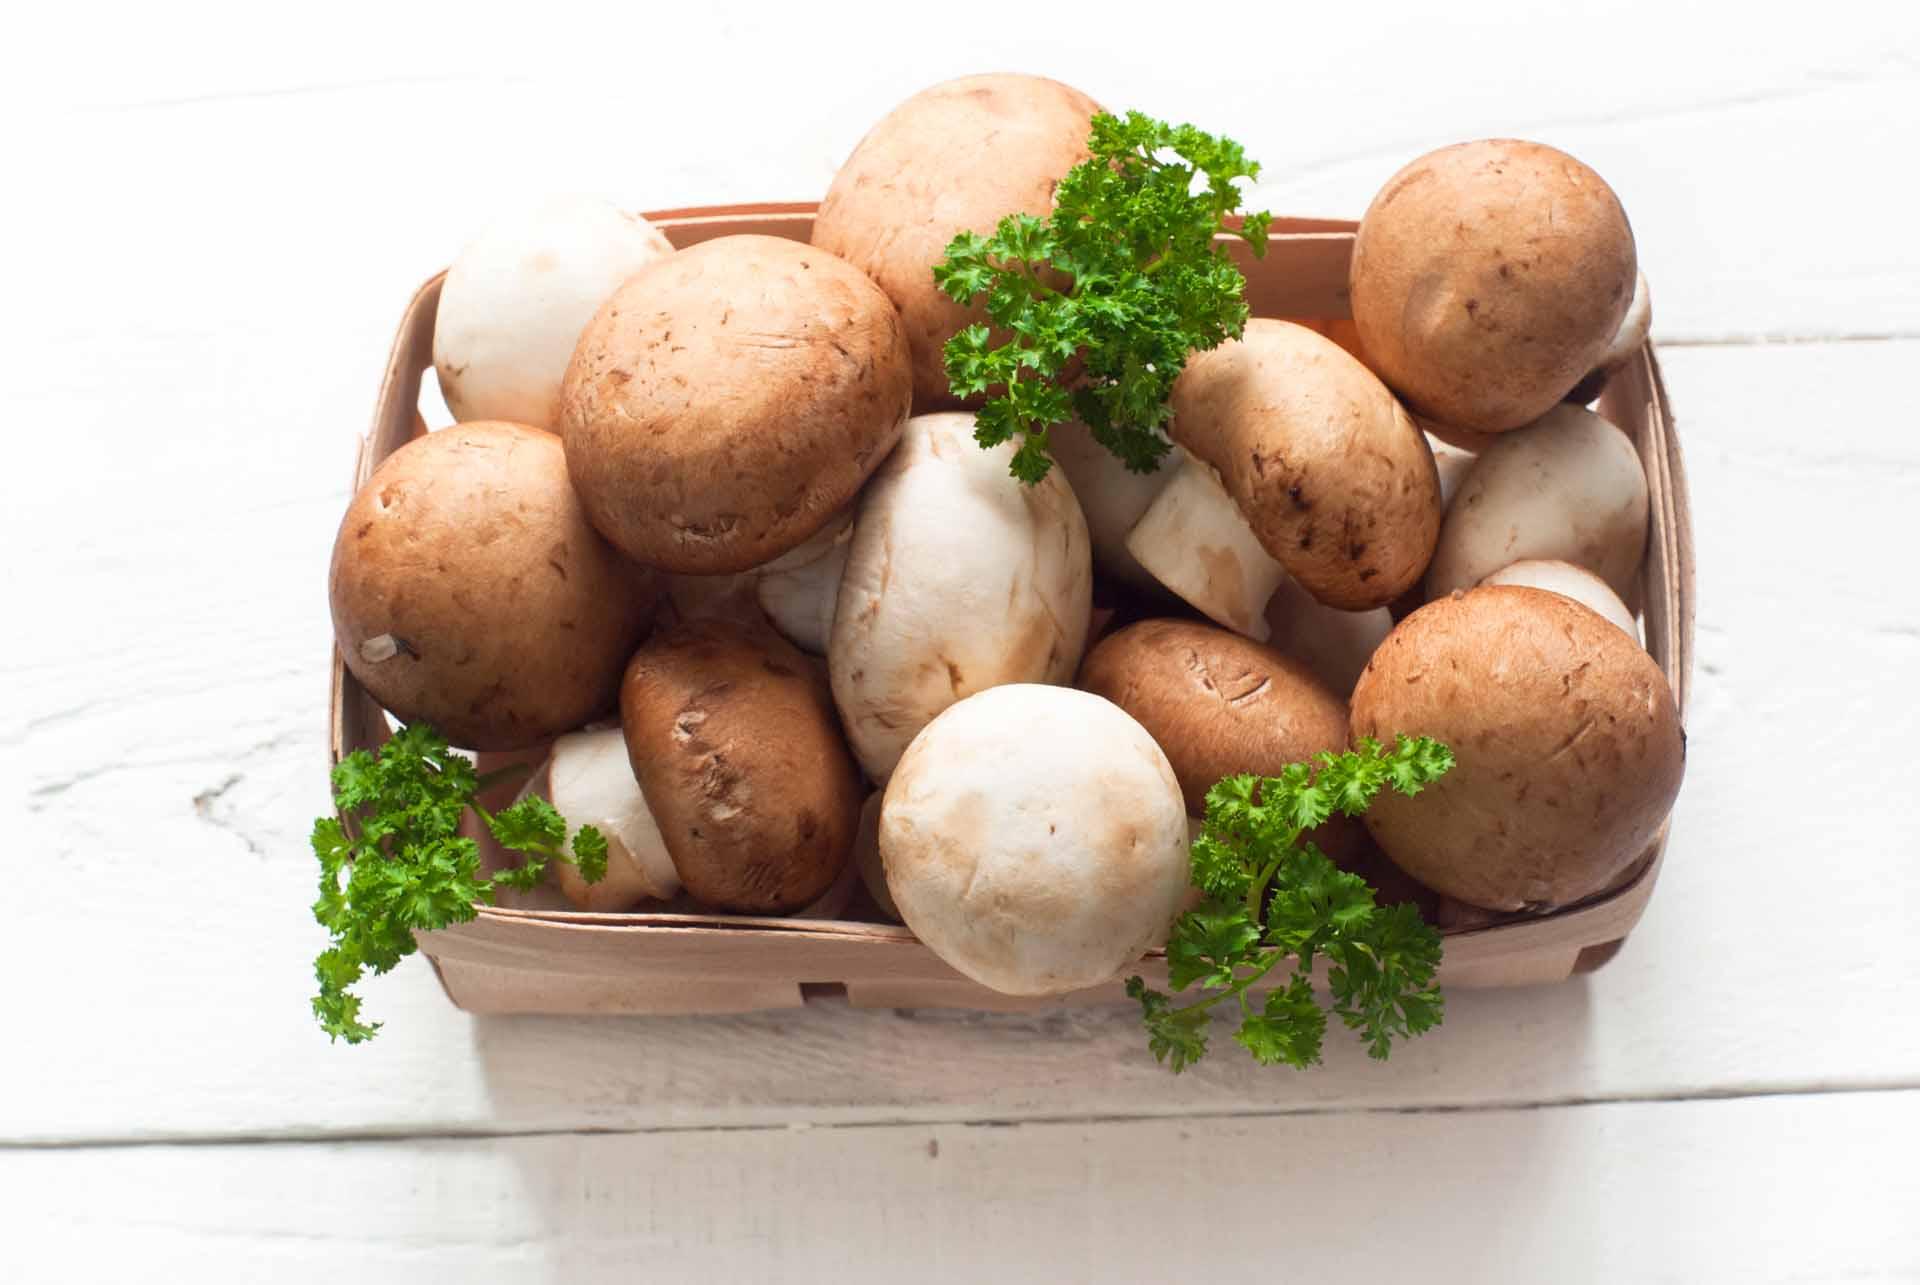 как вырастить грибы дома